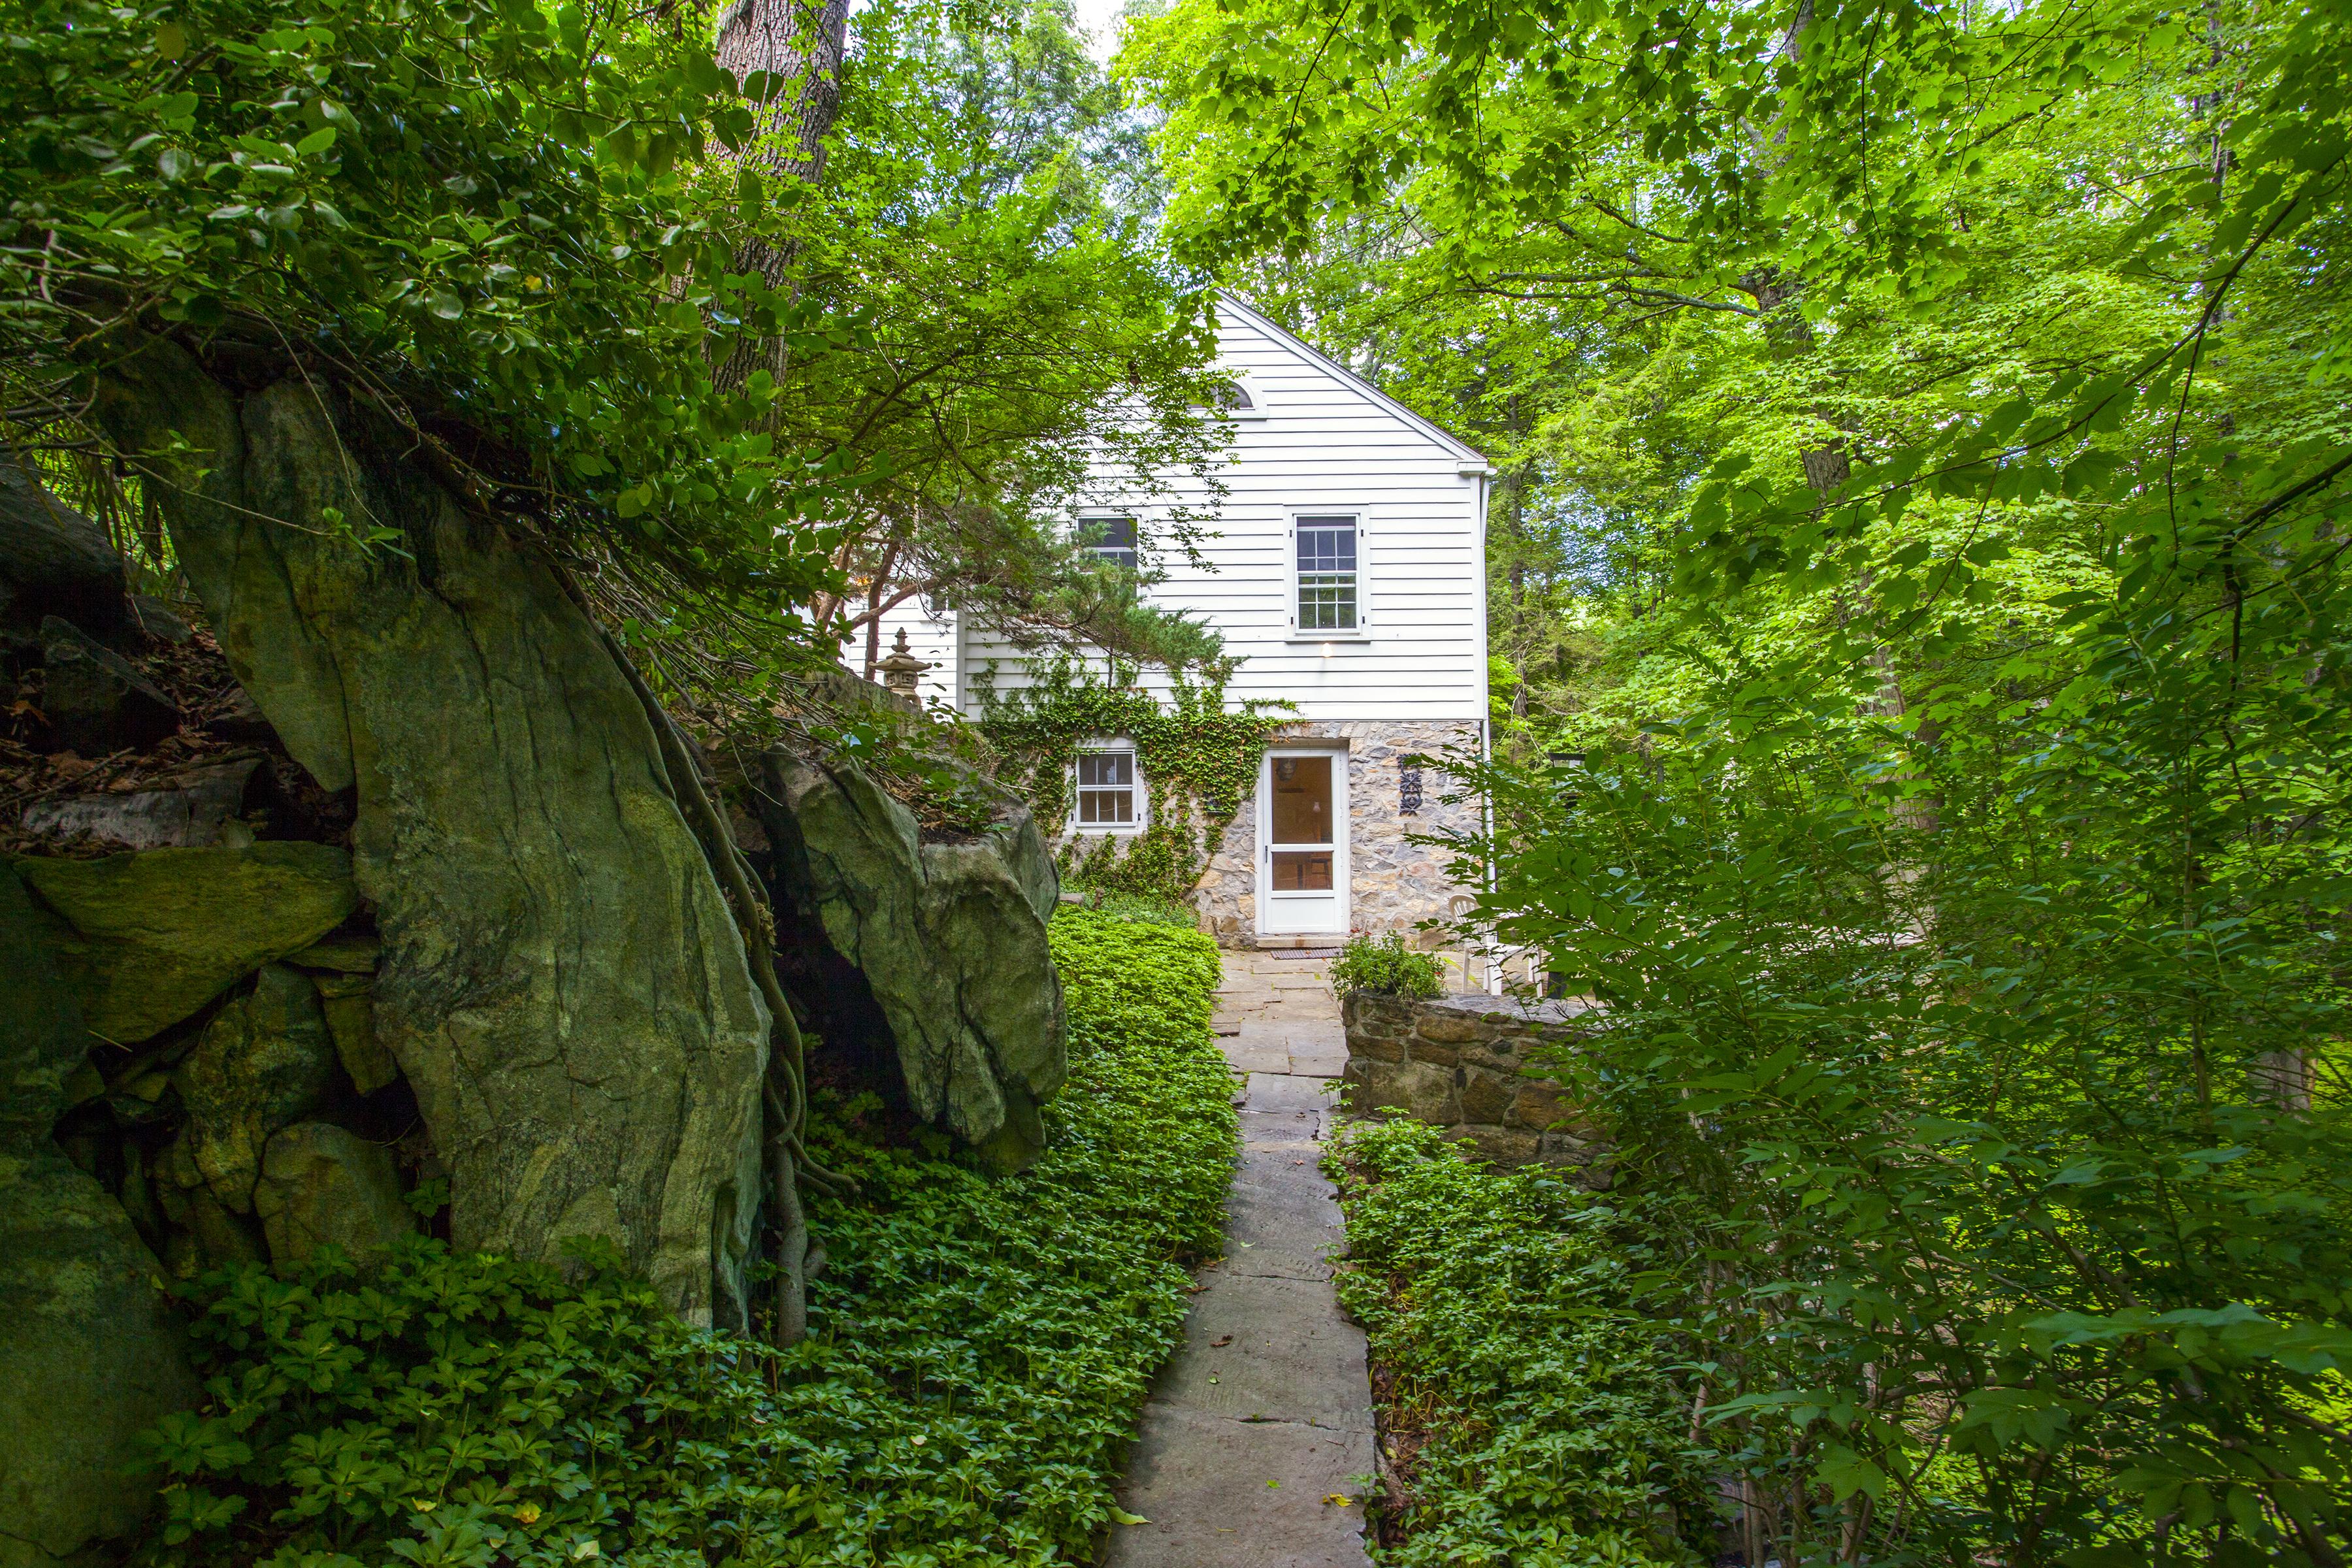 独户住宅 为 销售 在 Hidden Riverside Treasure 618 Kent Rd 新米尔福德, 康涅狄格州 06755 美国